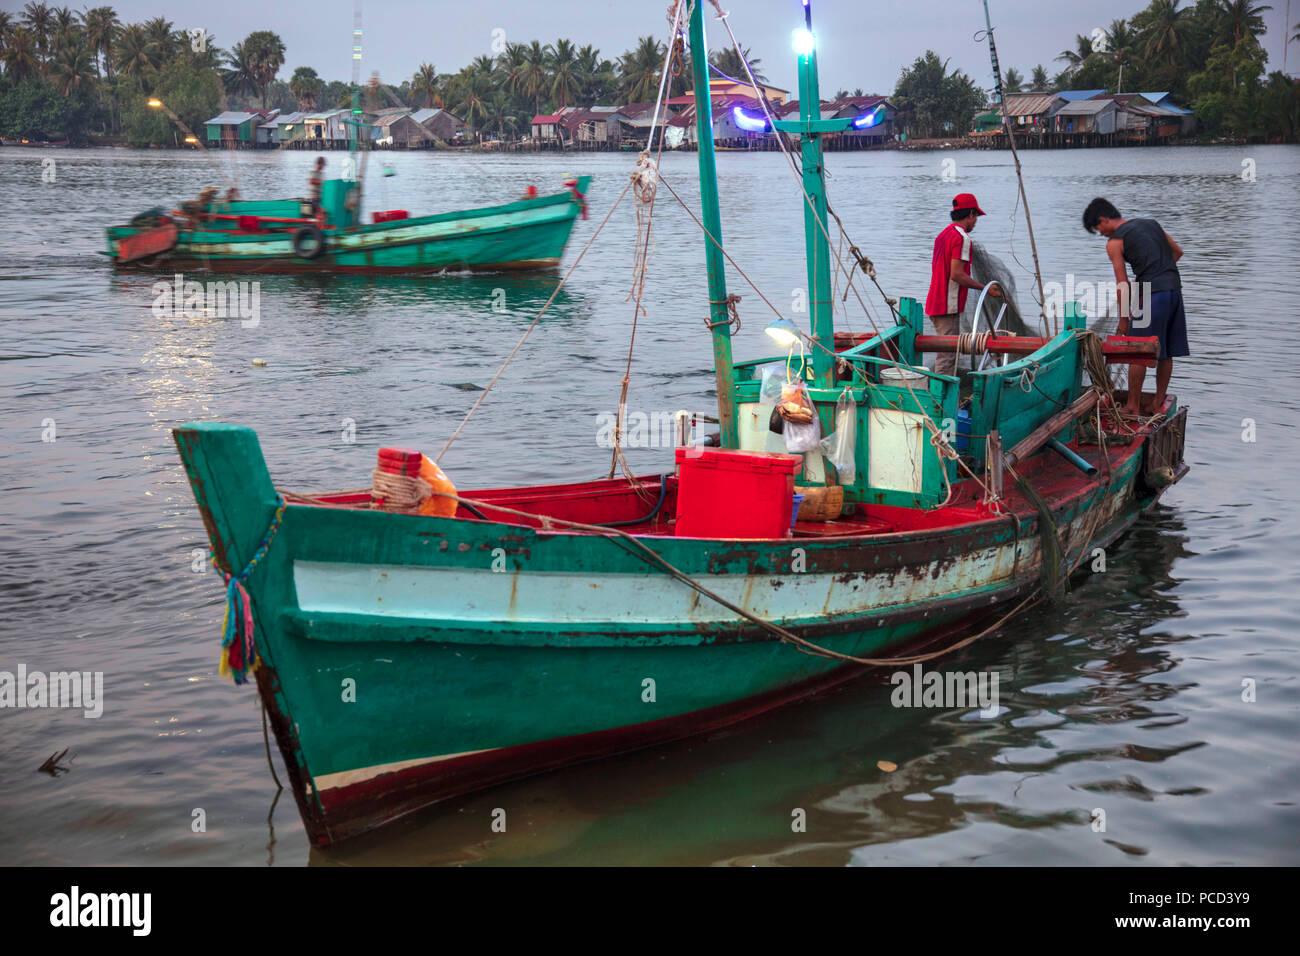 Barca da pesca alla mattina al mercato del pesce sulle rive del Preaek Tuek Chhu River in Kampot town, Cambogia, Indocina, Asia sud-orientale, Asia Immagini Stock